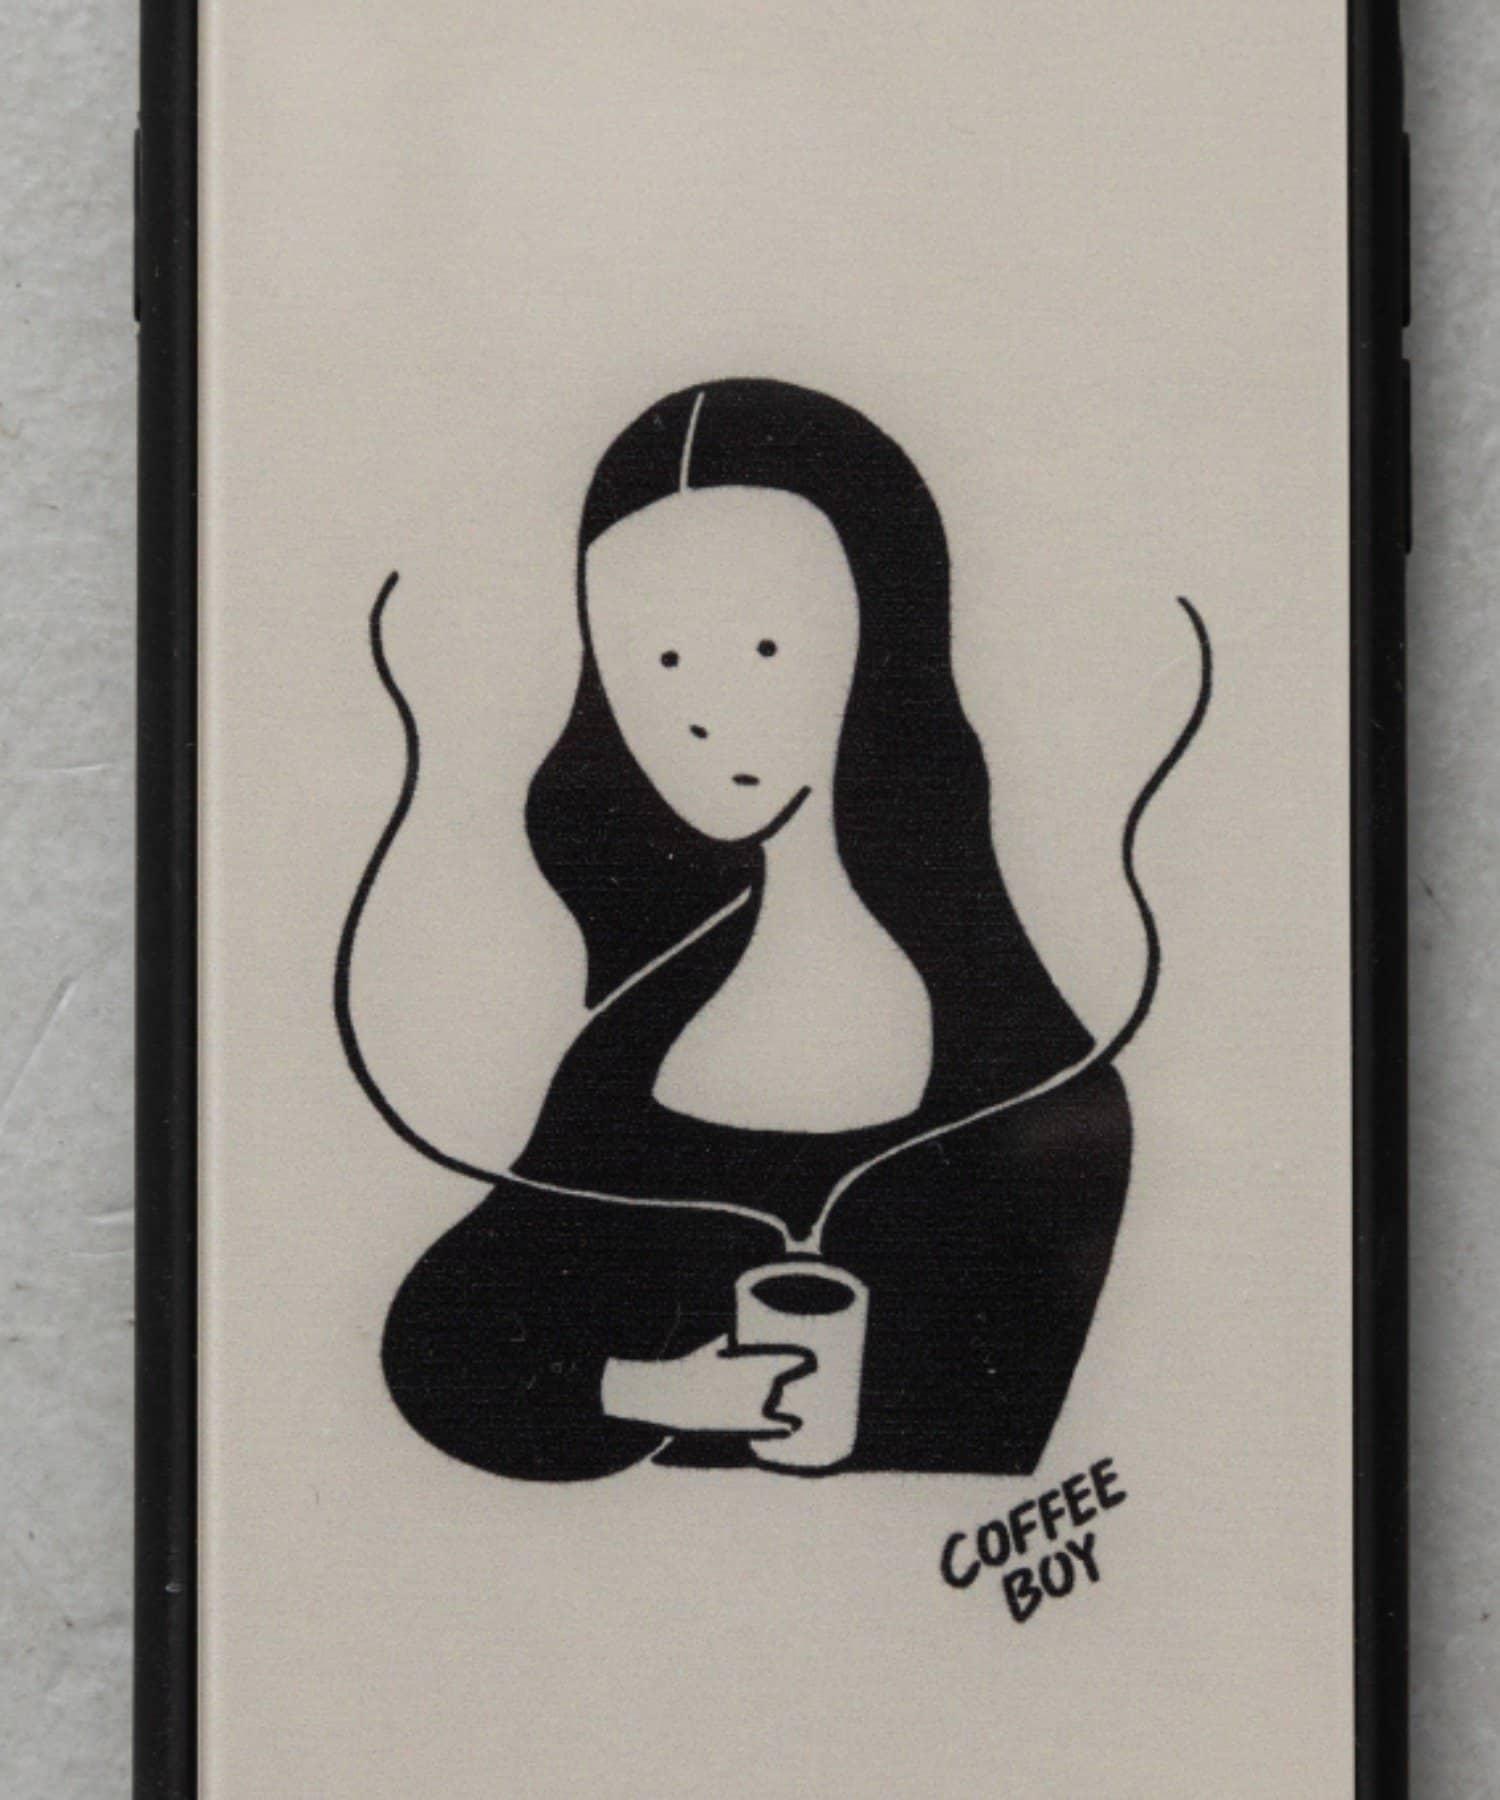 BIRTHDAY BAR(バースデイバー) レディース 【受注予約】COFFEE BOY iPhoneケース その他10